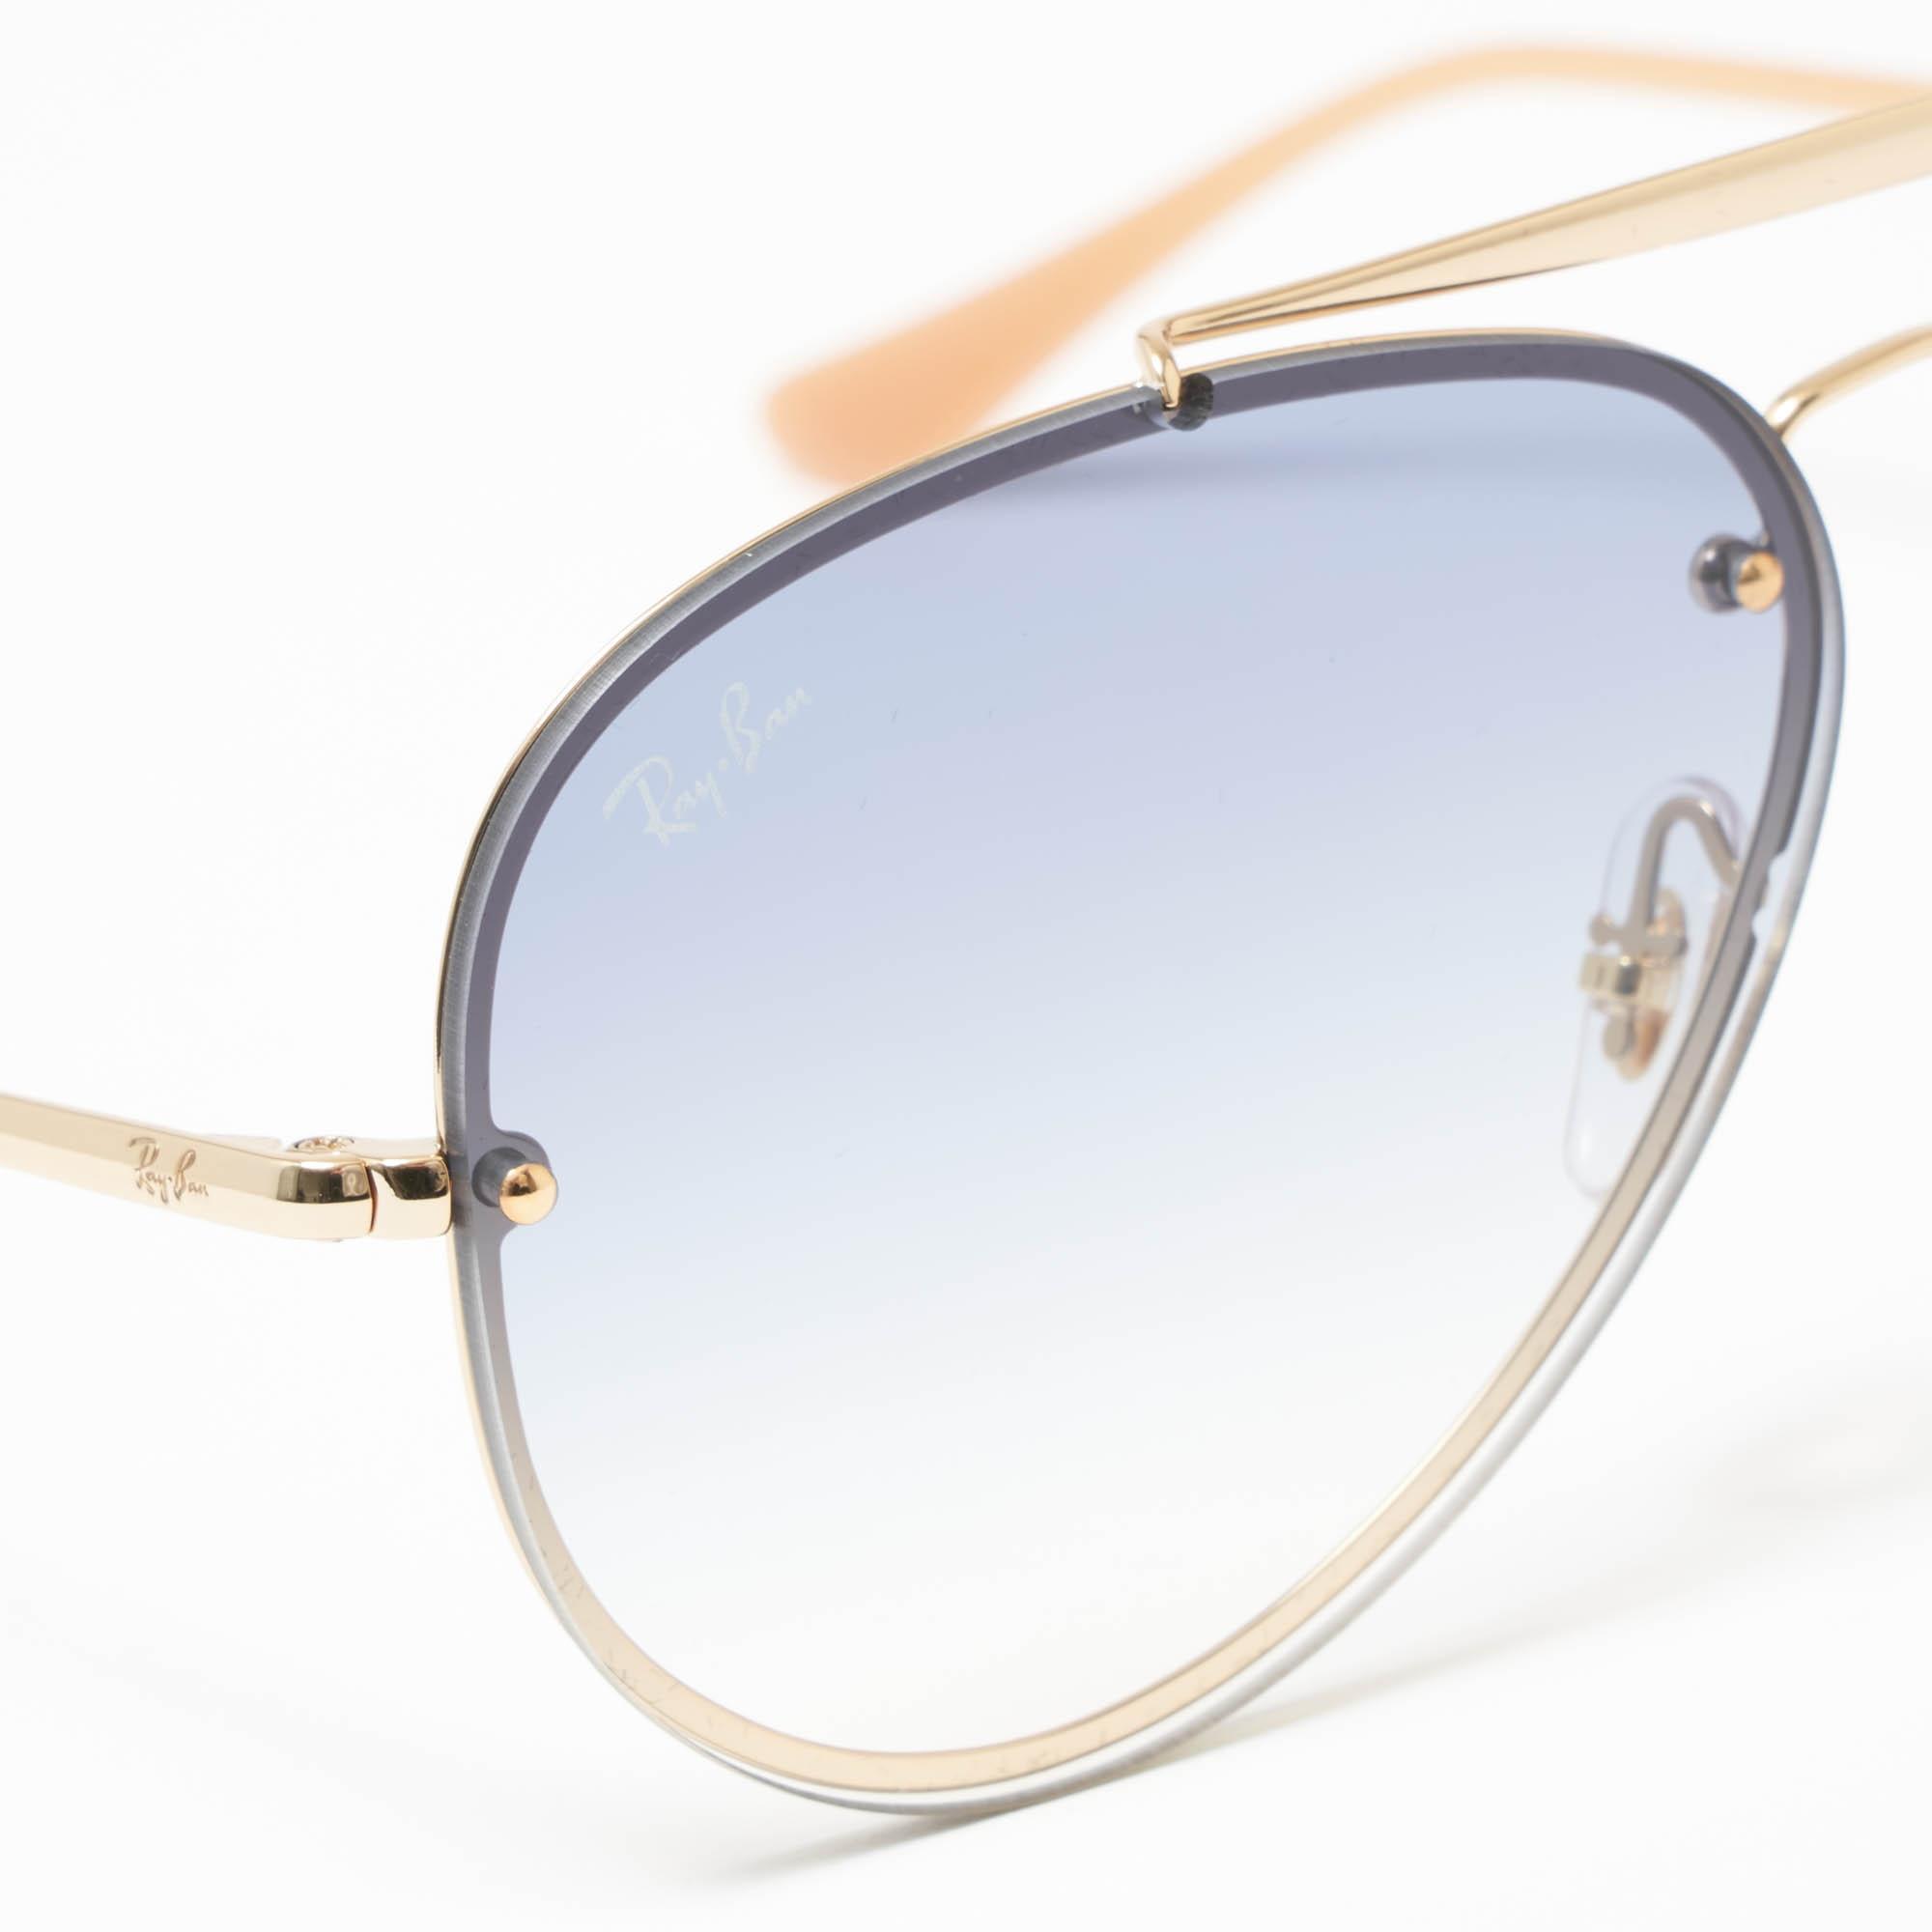 8829102d0b0 Ray-Ban - Metallic Gold Blaze Aviator Sunglasses - Light Blue Gradient  Lenses for Men. View fullscreen